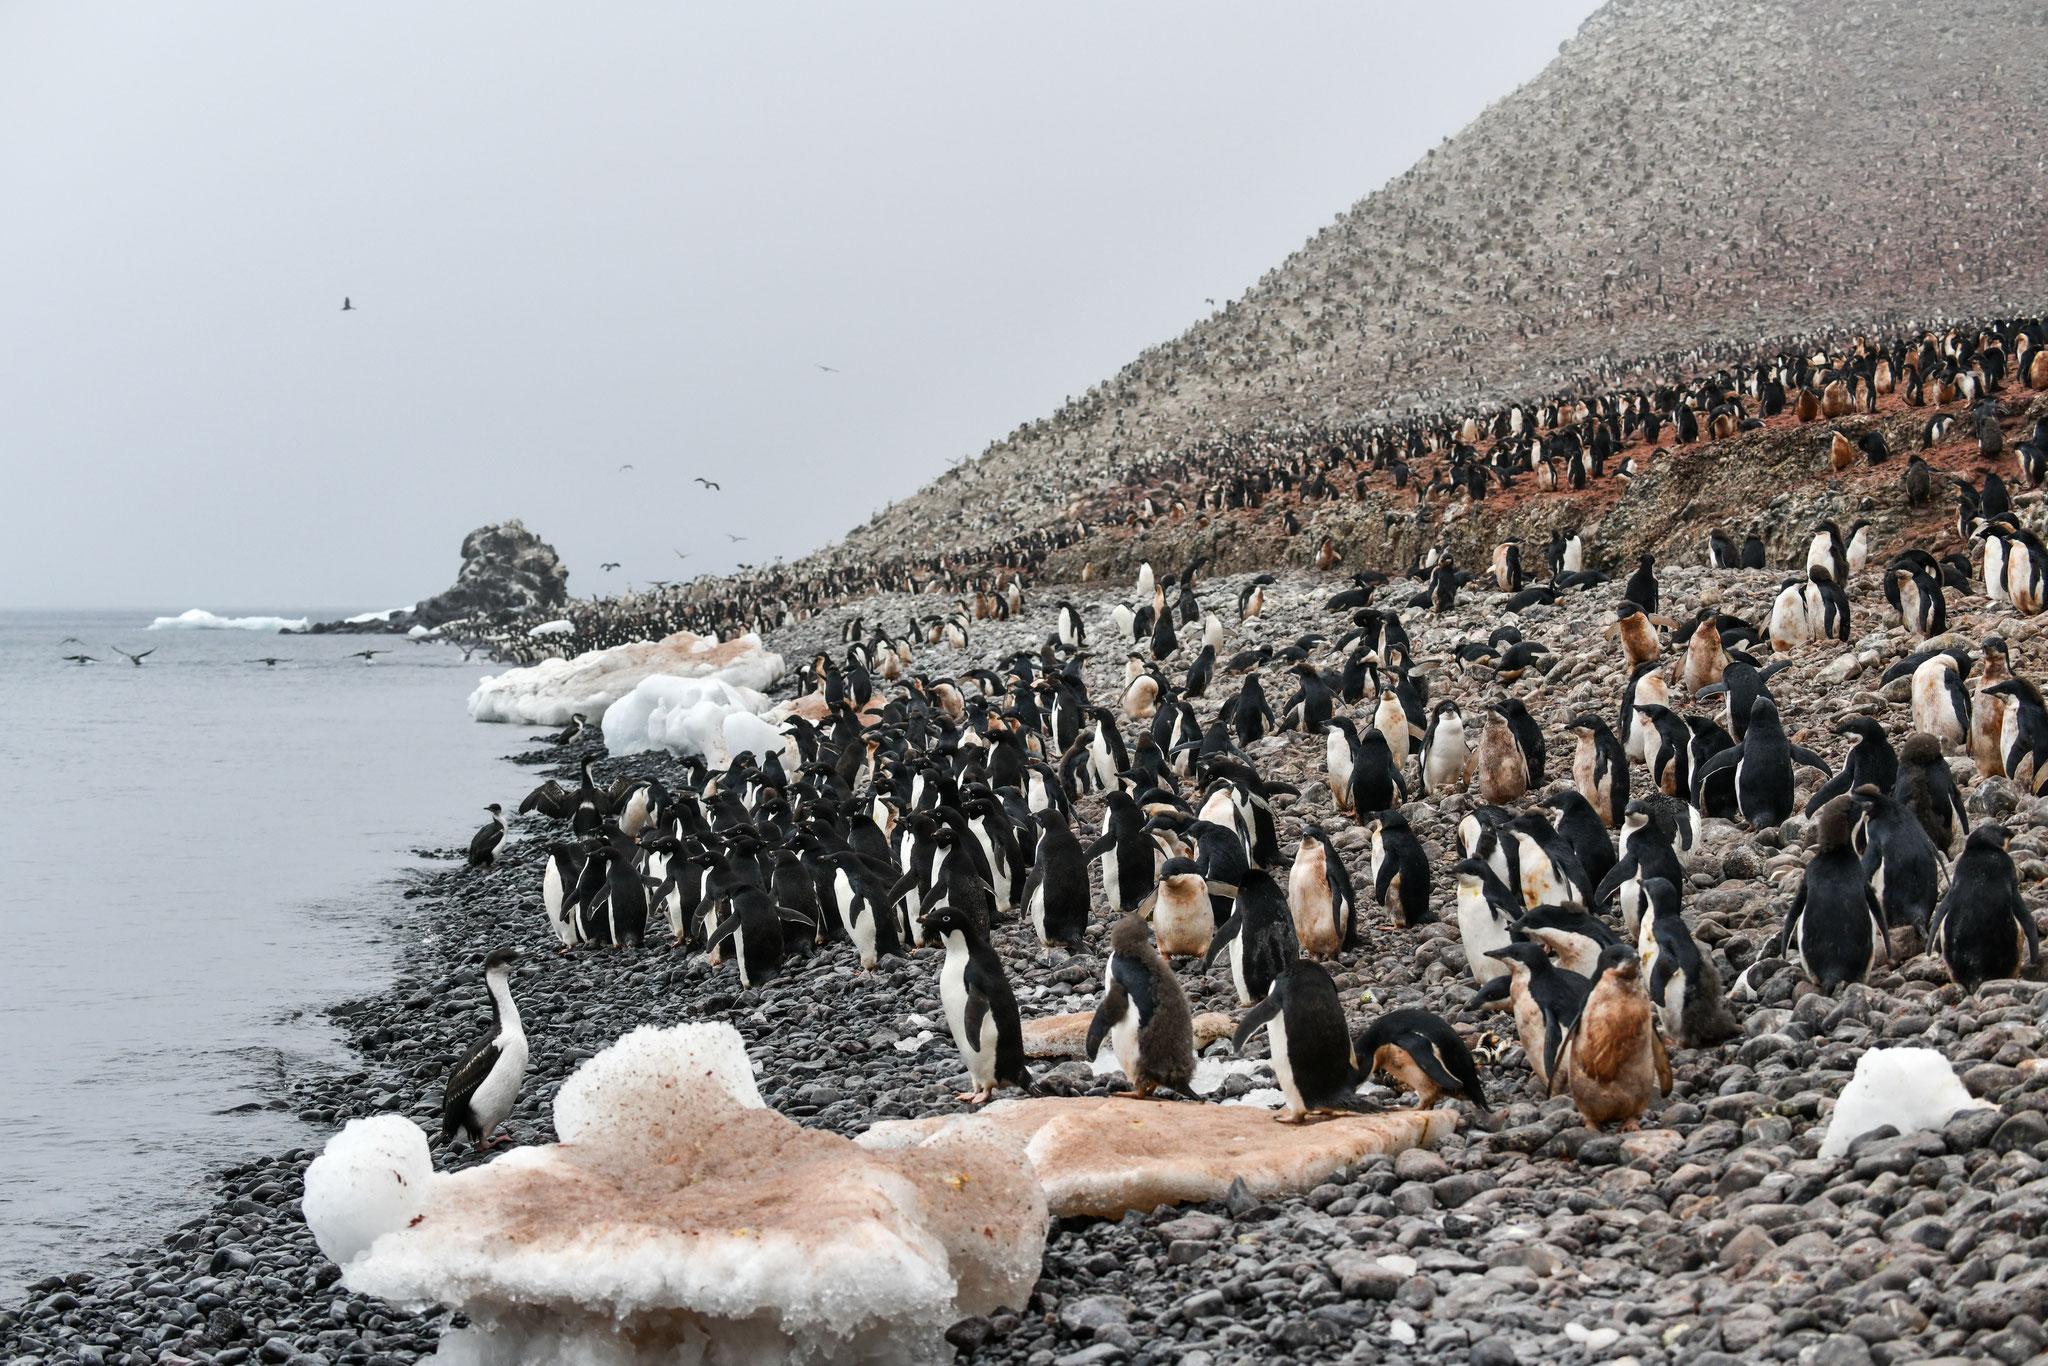 崖の上までびっしりと アデリーペンギン